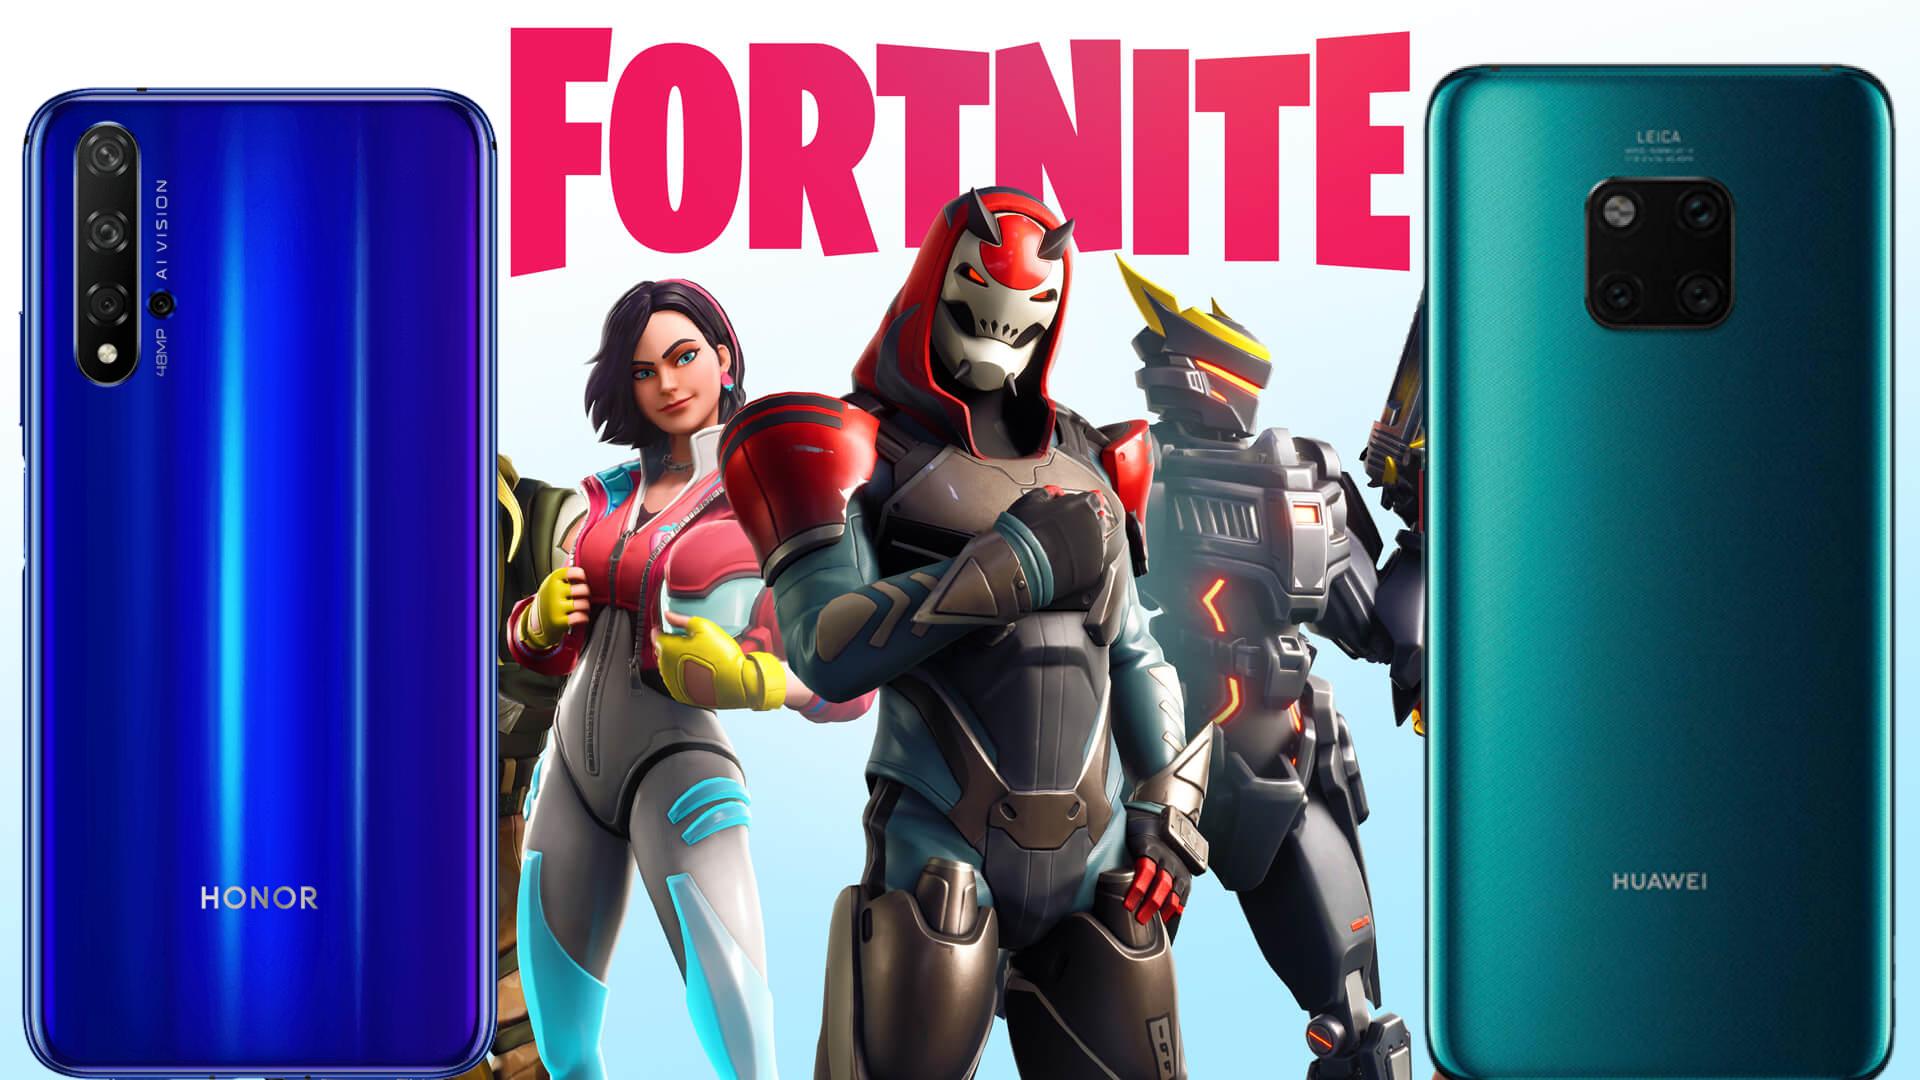 Fortnite Honor y Huawei